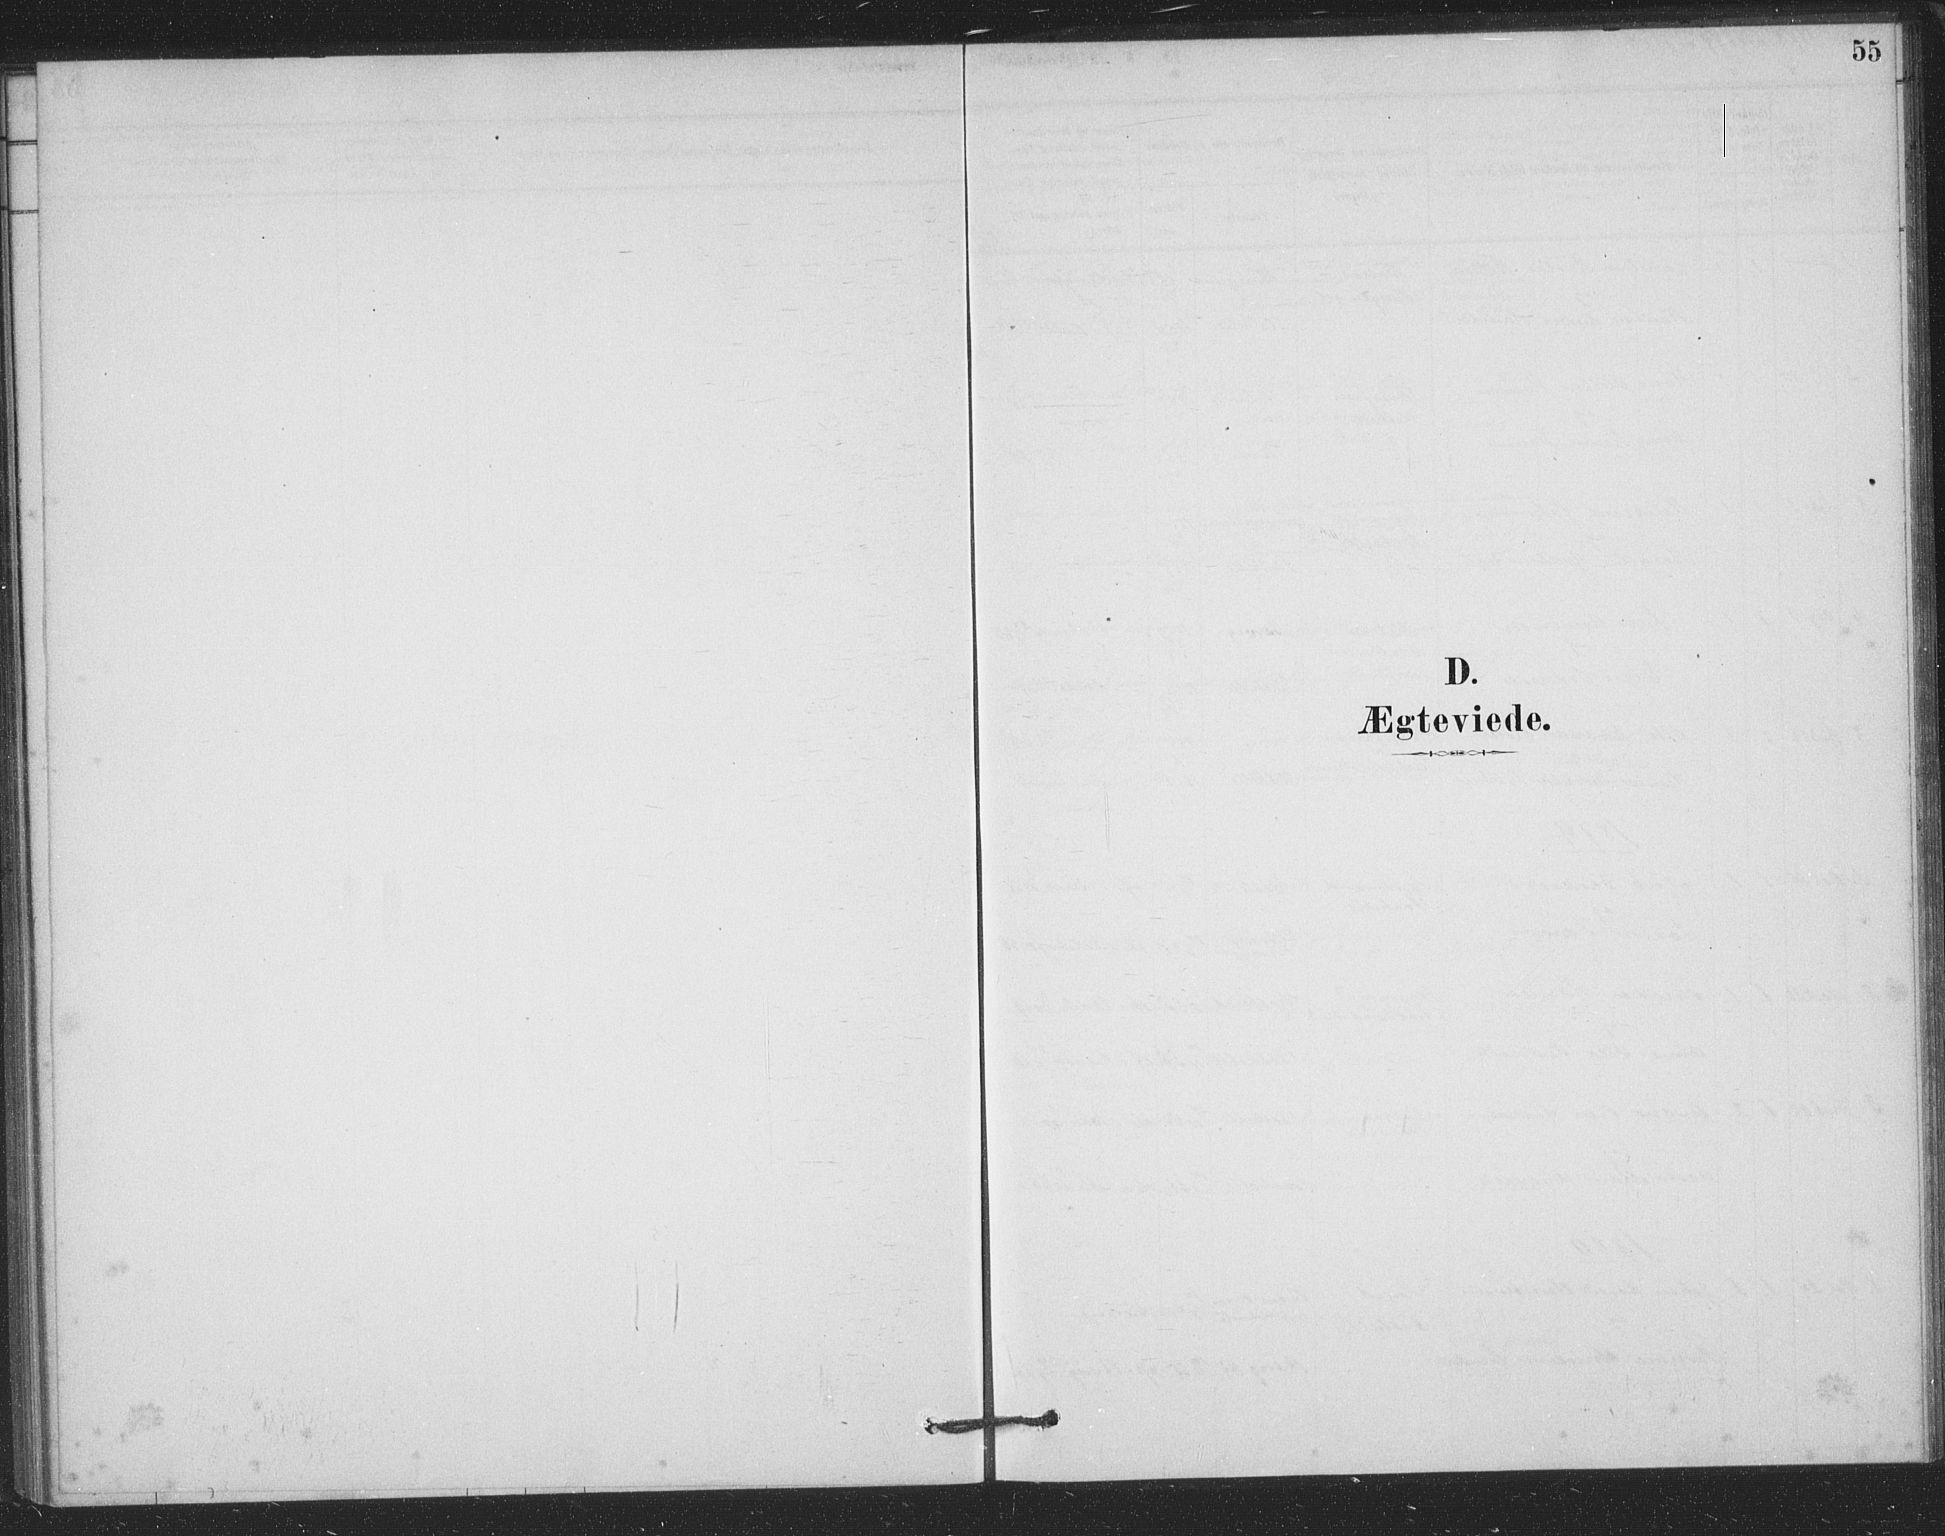 SAKO, Bamble kirkebøker, F/Fb/L0001: Ministerialbok nr. II 1, 1878-1899, s. 55